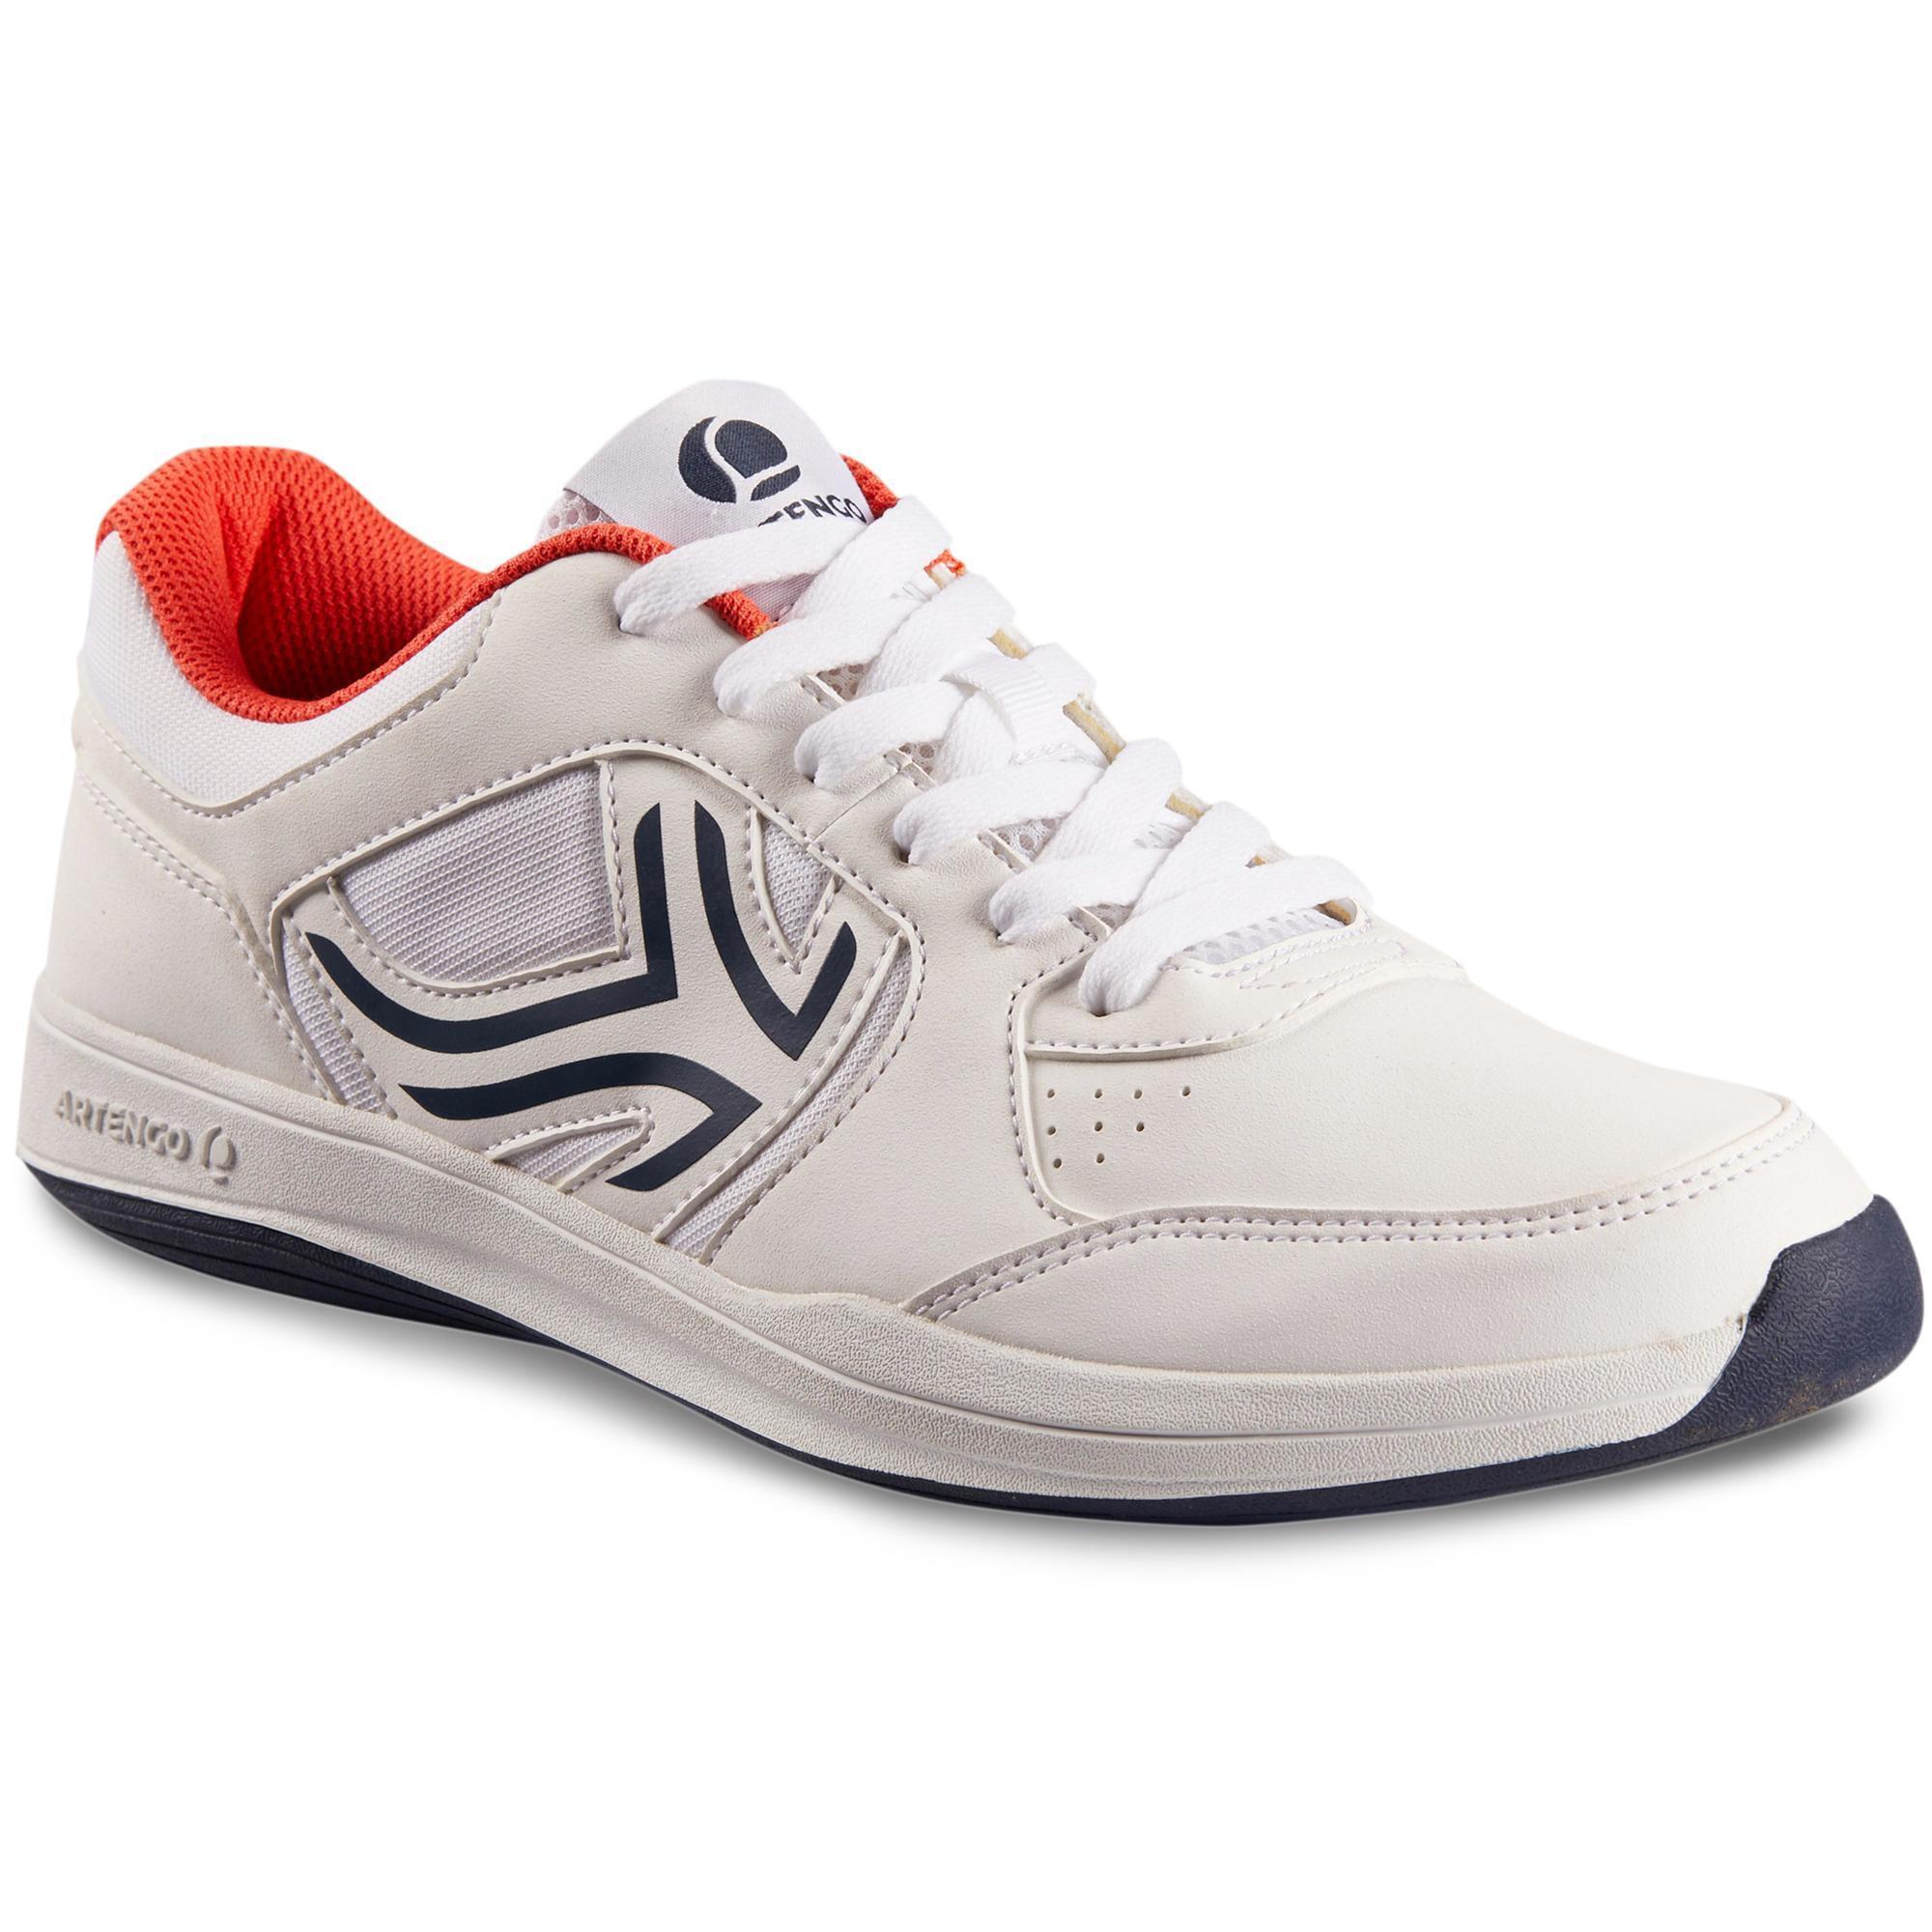 5c052e6ada258 Zapatillas de tenis hombre blanco multi terreno artengo decathlon jpg  2000x2000 Zapatos tenis decathlon canada